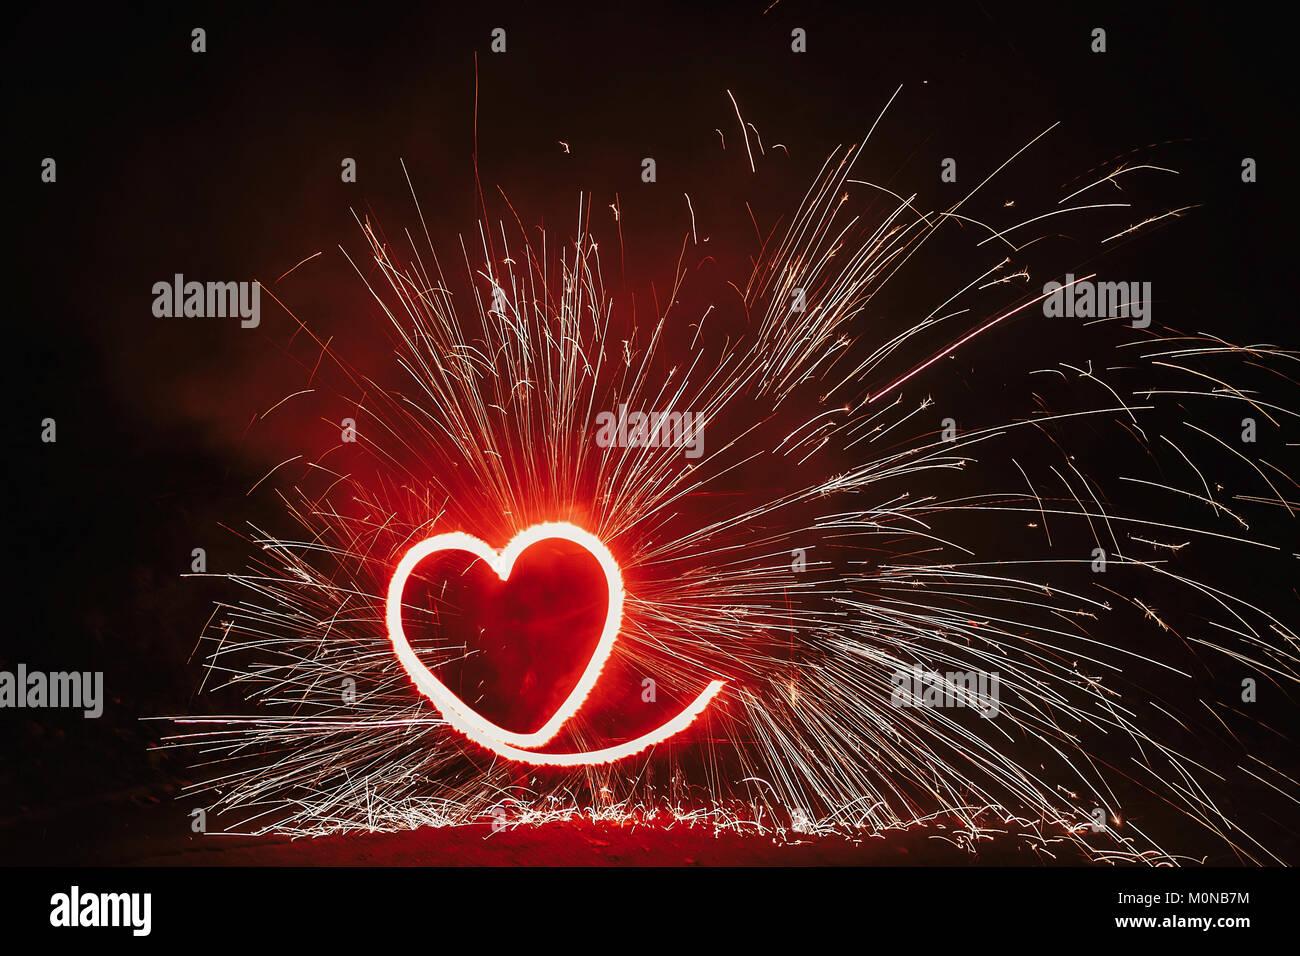 Fuegos artificiales en forma de corazón rojo sobre fondo negro con brillos en la noche. Feliz Día de San Valentín tarjeta corazón ardiente fuego de Bengala. Espacio para texto o boda. Foto de stock